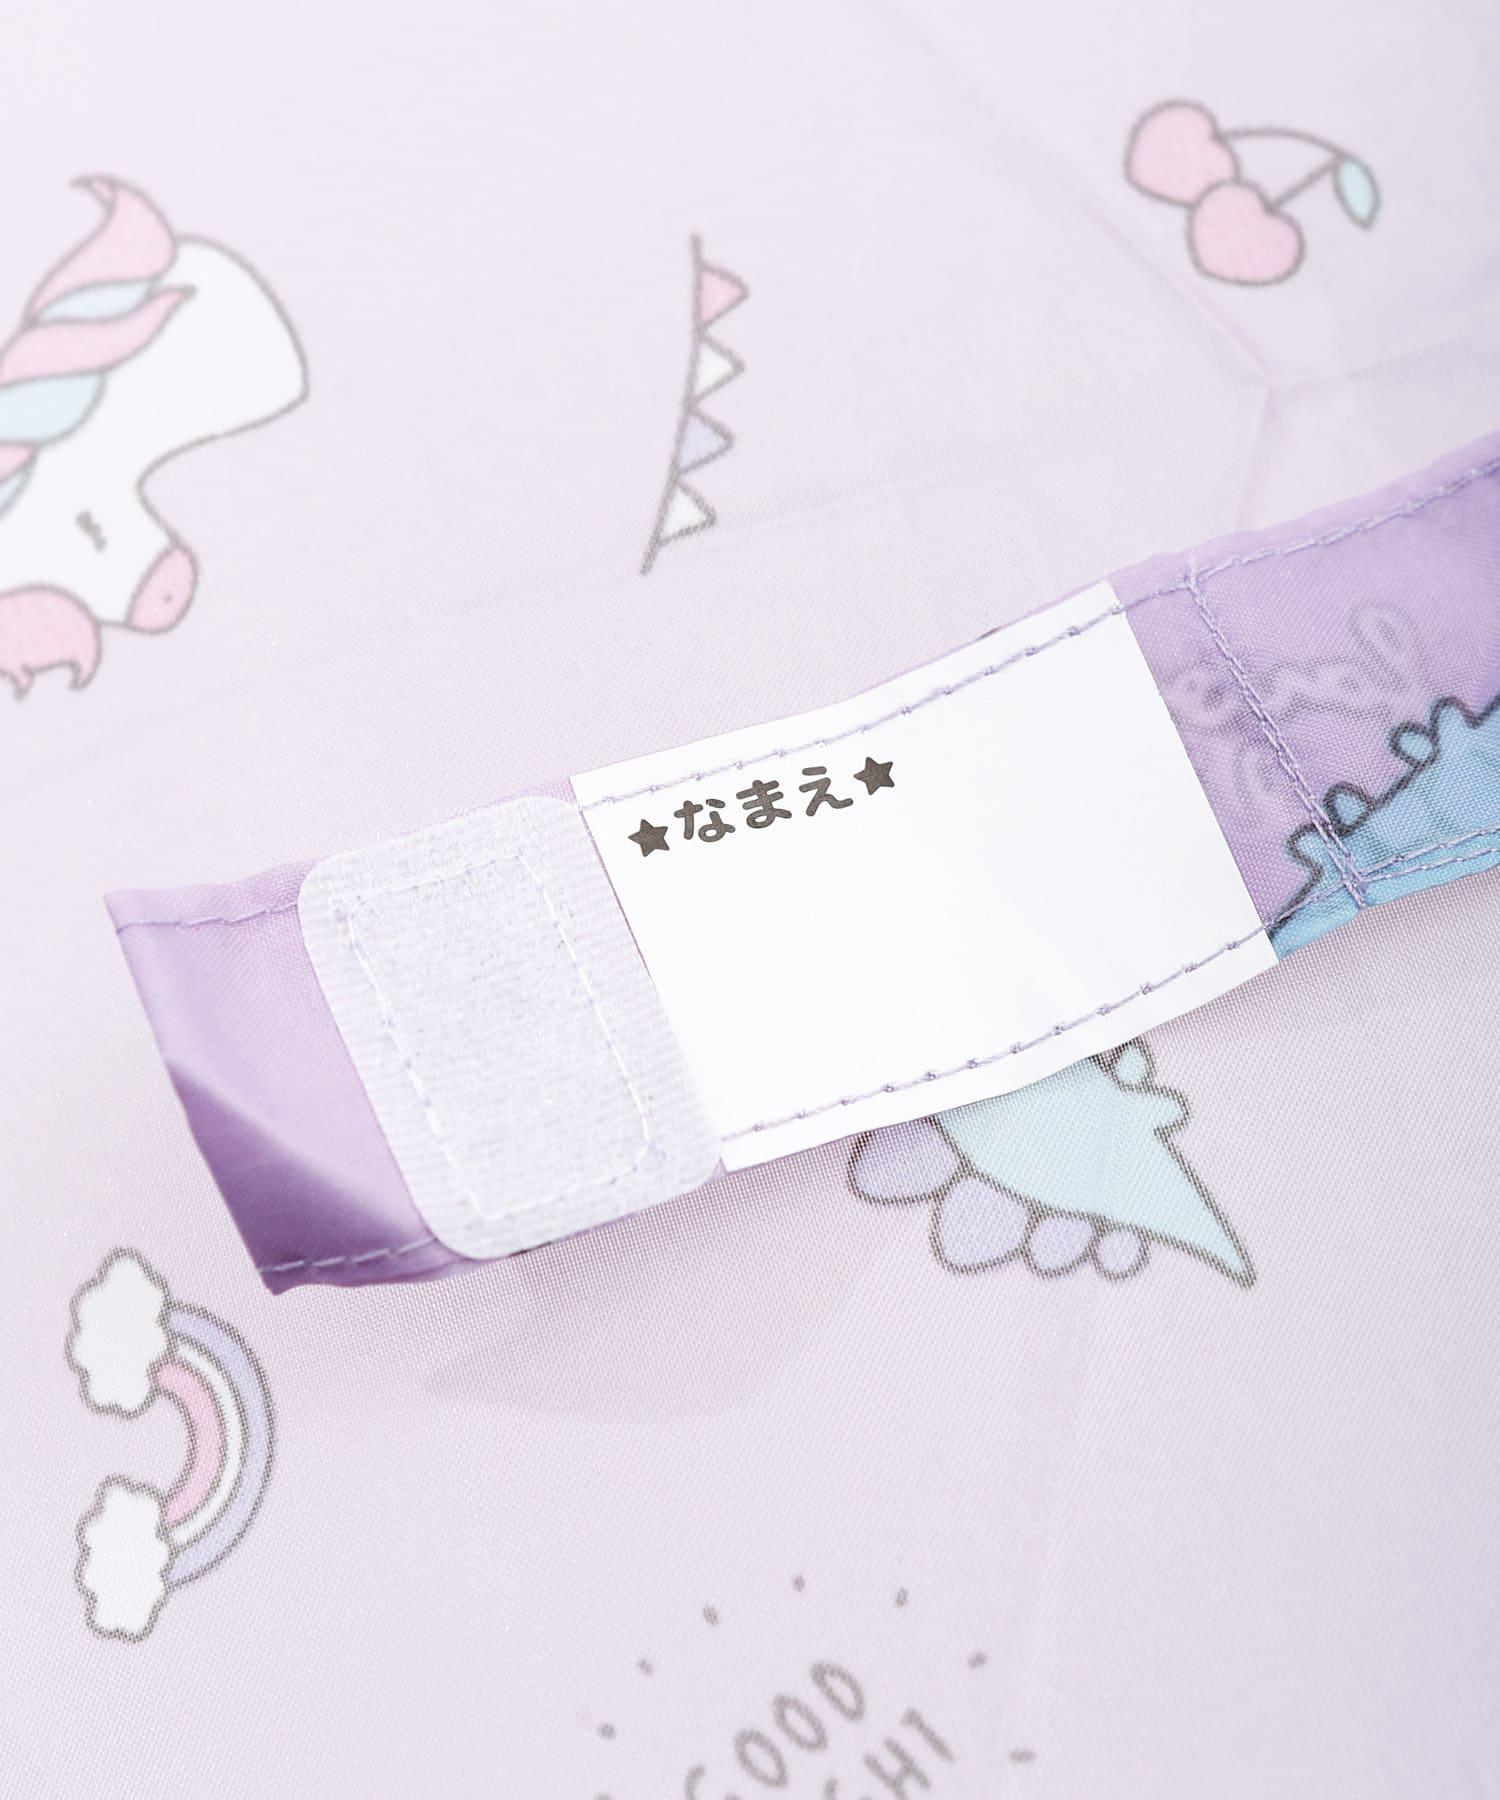 ASOKO(アソコ) 《WEB限定》カラビナ付折り畳み傘ユニコーン